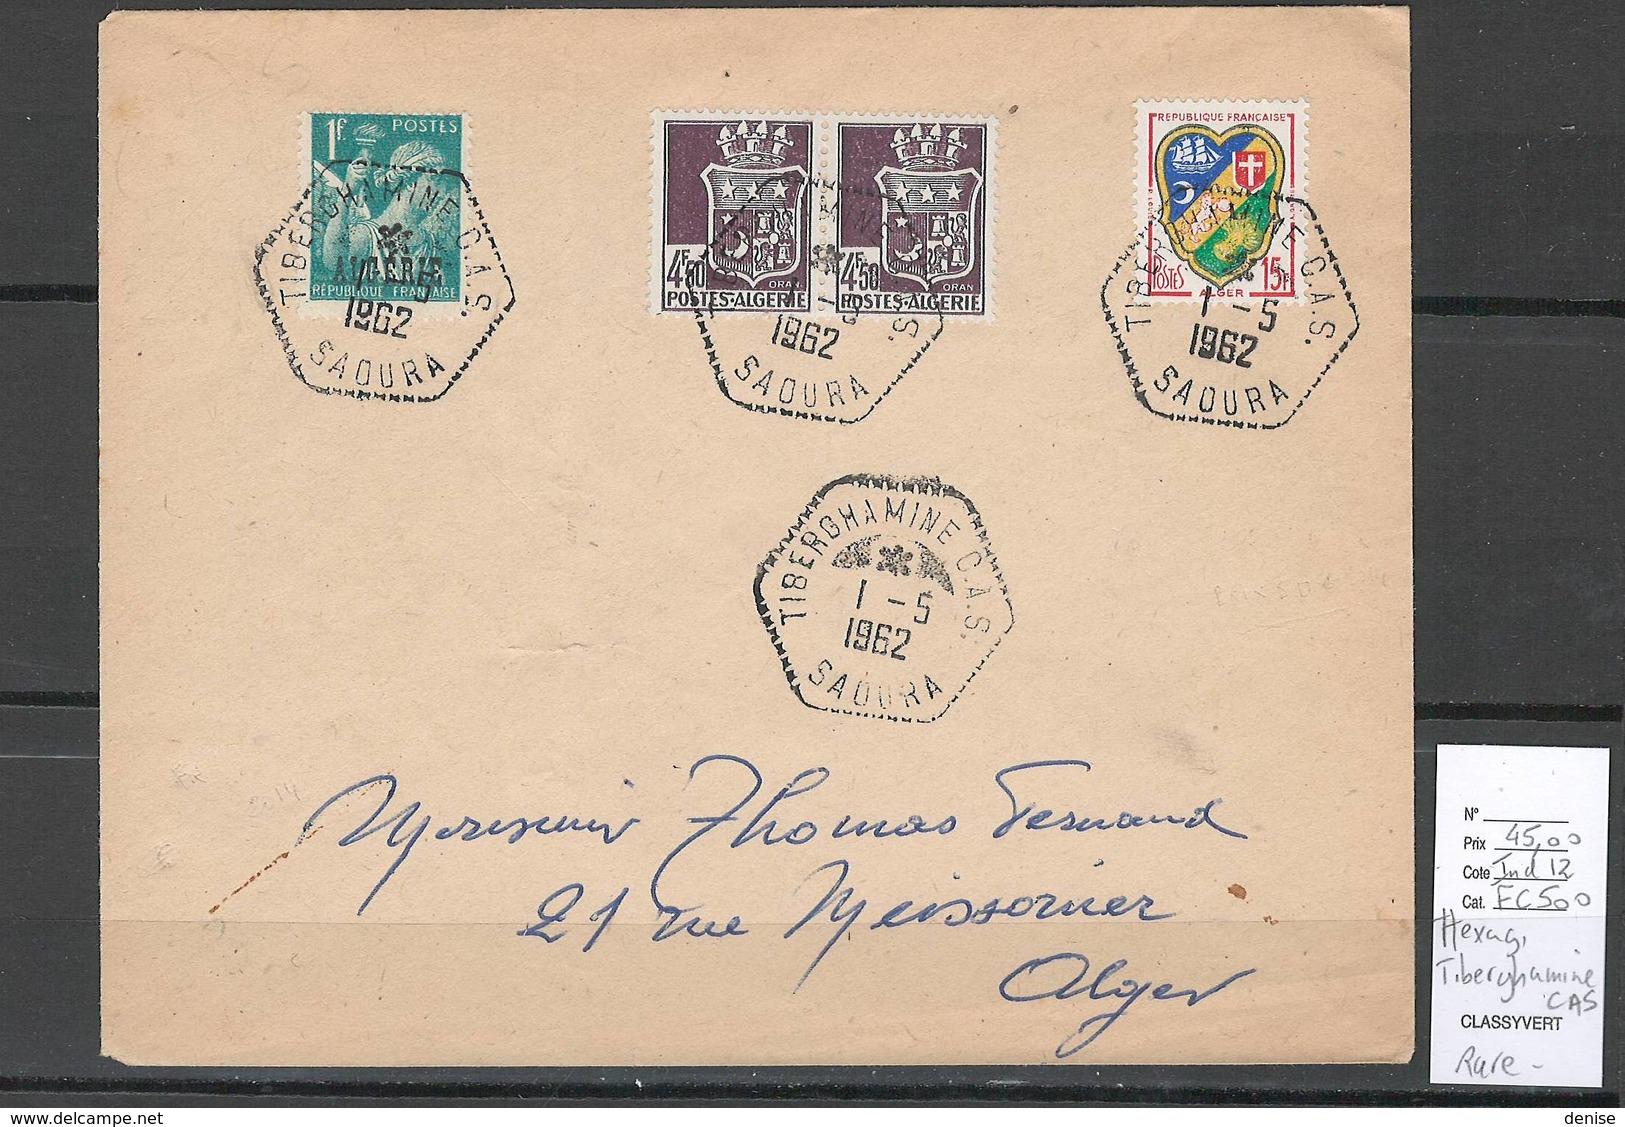 Algerie - Lettre  - Cachet Hexagonal TIBERGHAMINE CAS -  Marcophilie - Covers & Documents